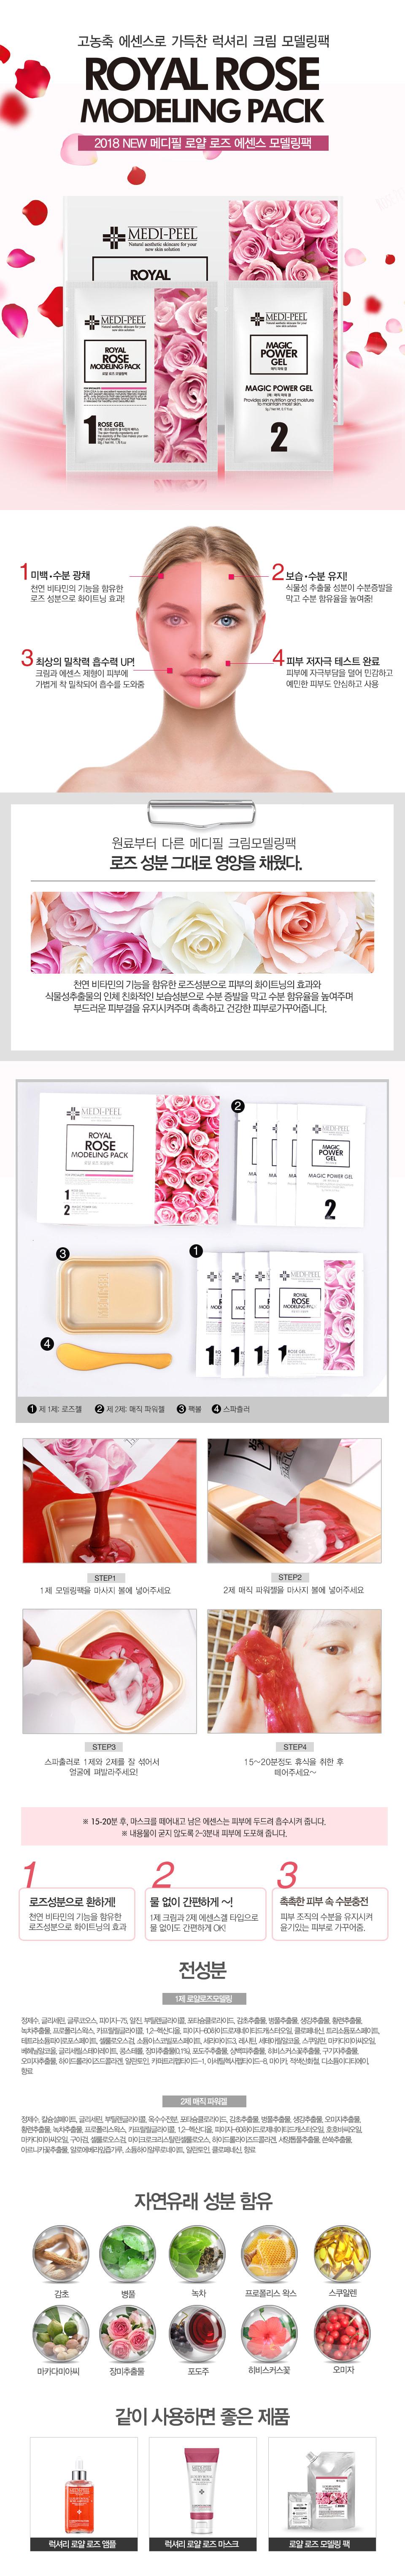 royal-rose-modeling-pack-set-1.jpg